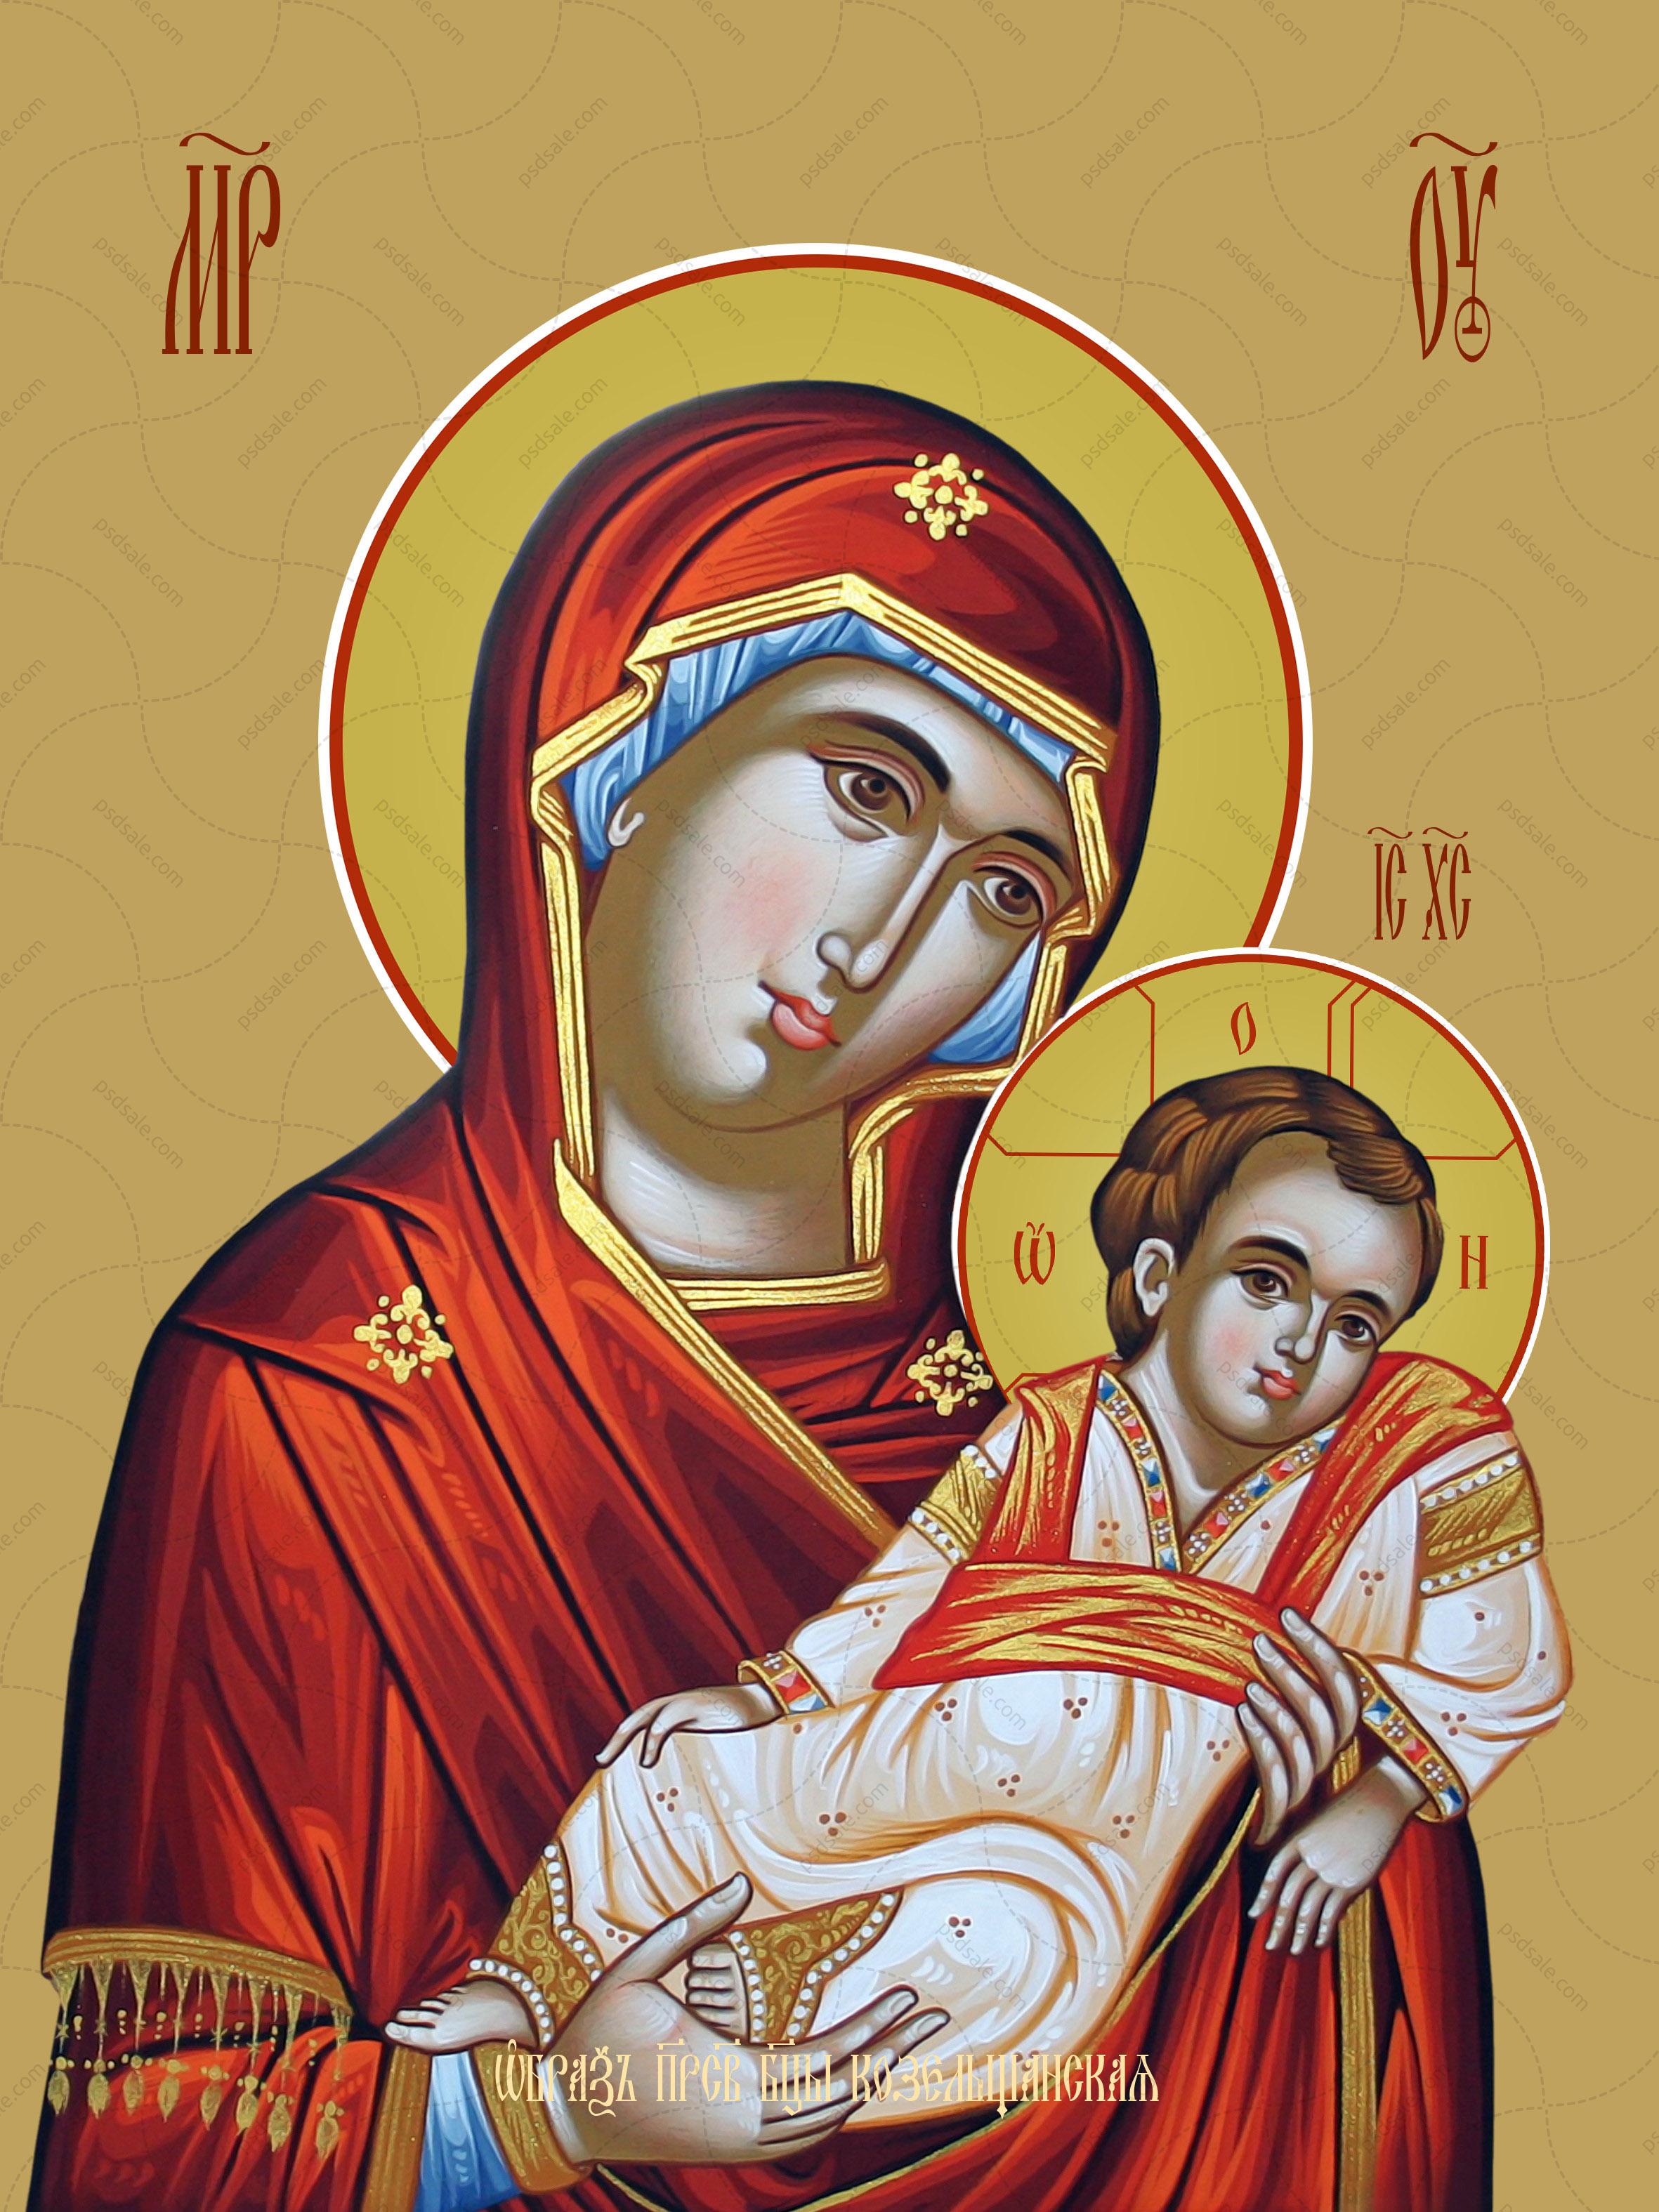 Козельщанская икона божьей матери